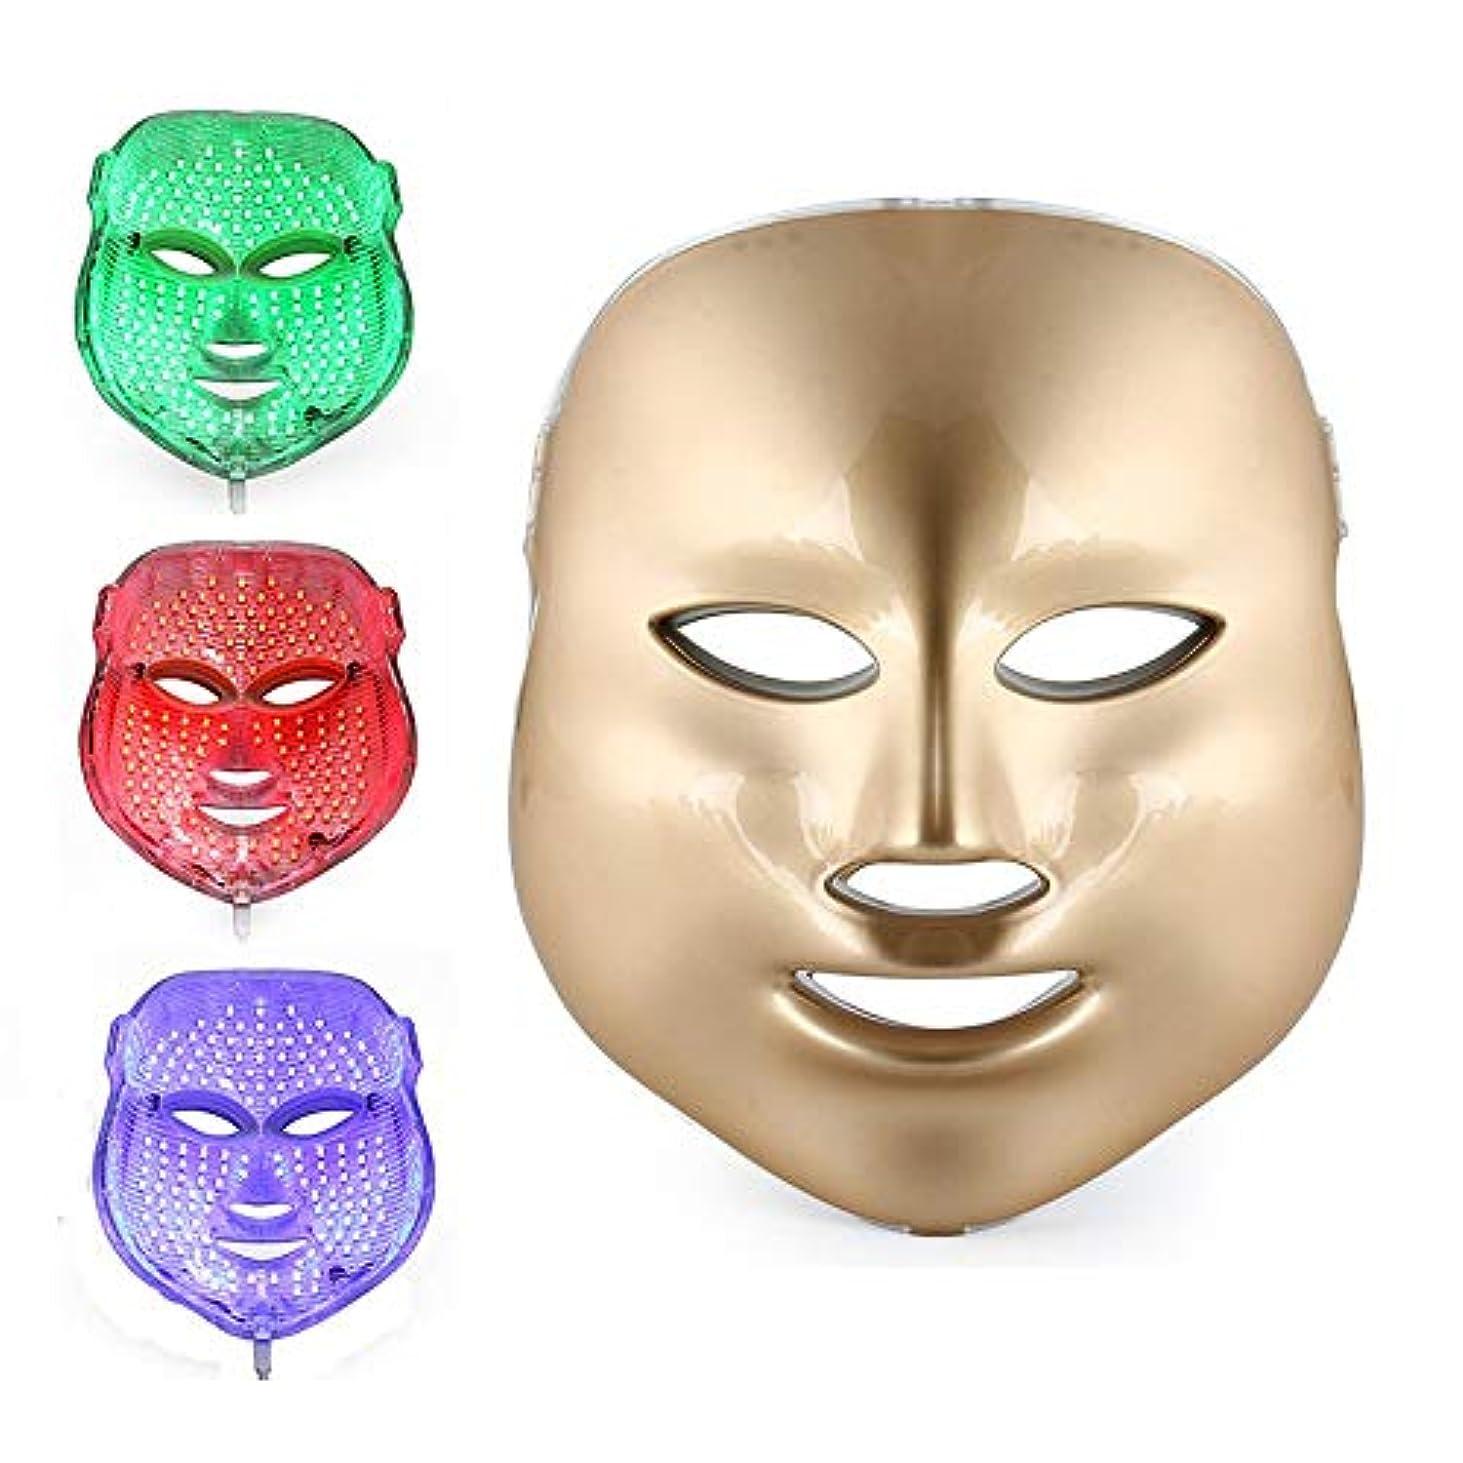 神経衰弱とにかく引き潮フォトンセラピー3色LEDマスクゴールドLEDライトセラピートリートメントフェイシャルビューティースキンケアにきびしわホワイトニング用フォトンセラピーマスク